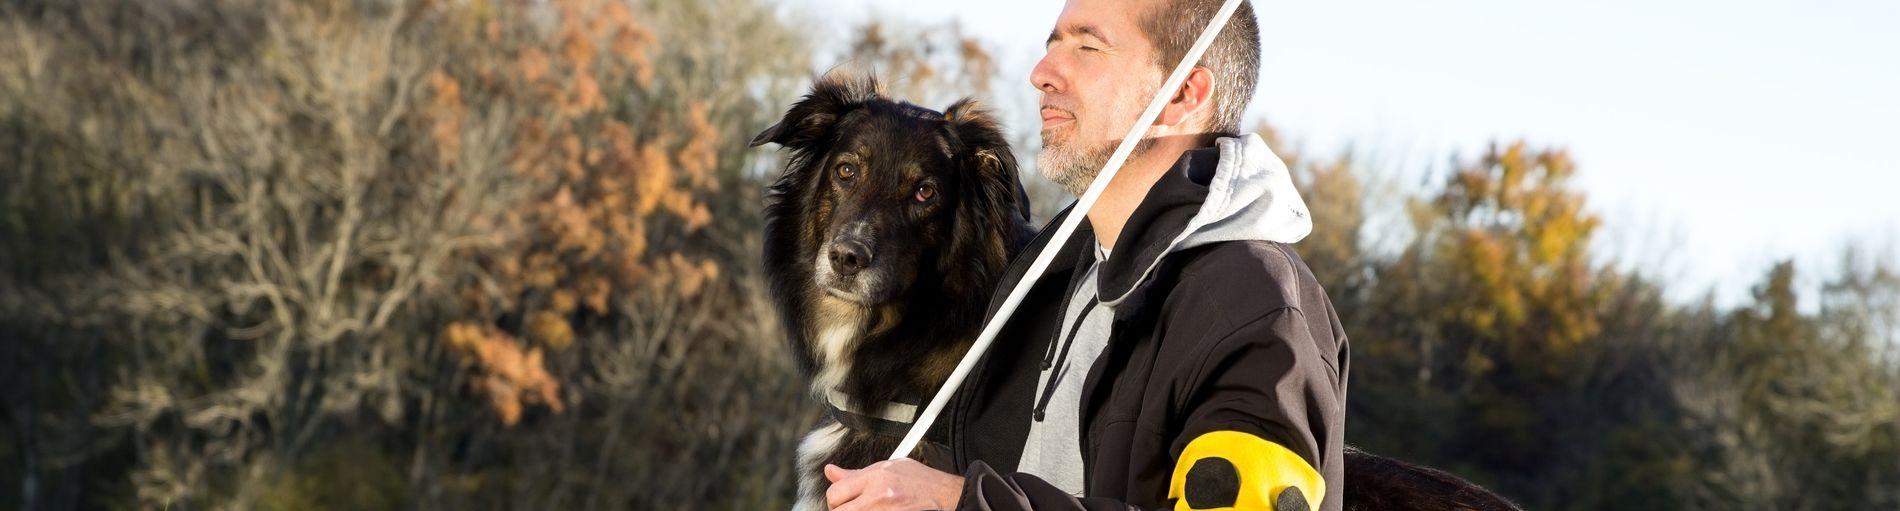 Ein Mann hockt auf einem Weg neben einem Blindenhund, in der Hand hält er einen Langstock. Der Mann hat die Augen geschlossen und genießt die Natur.